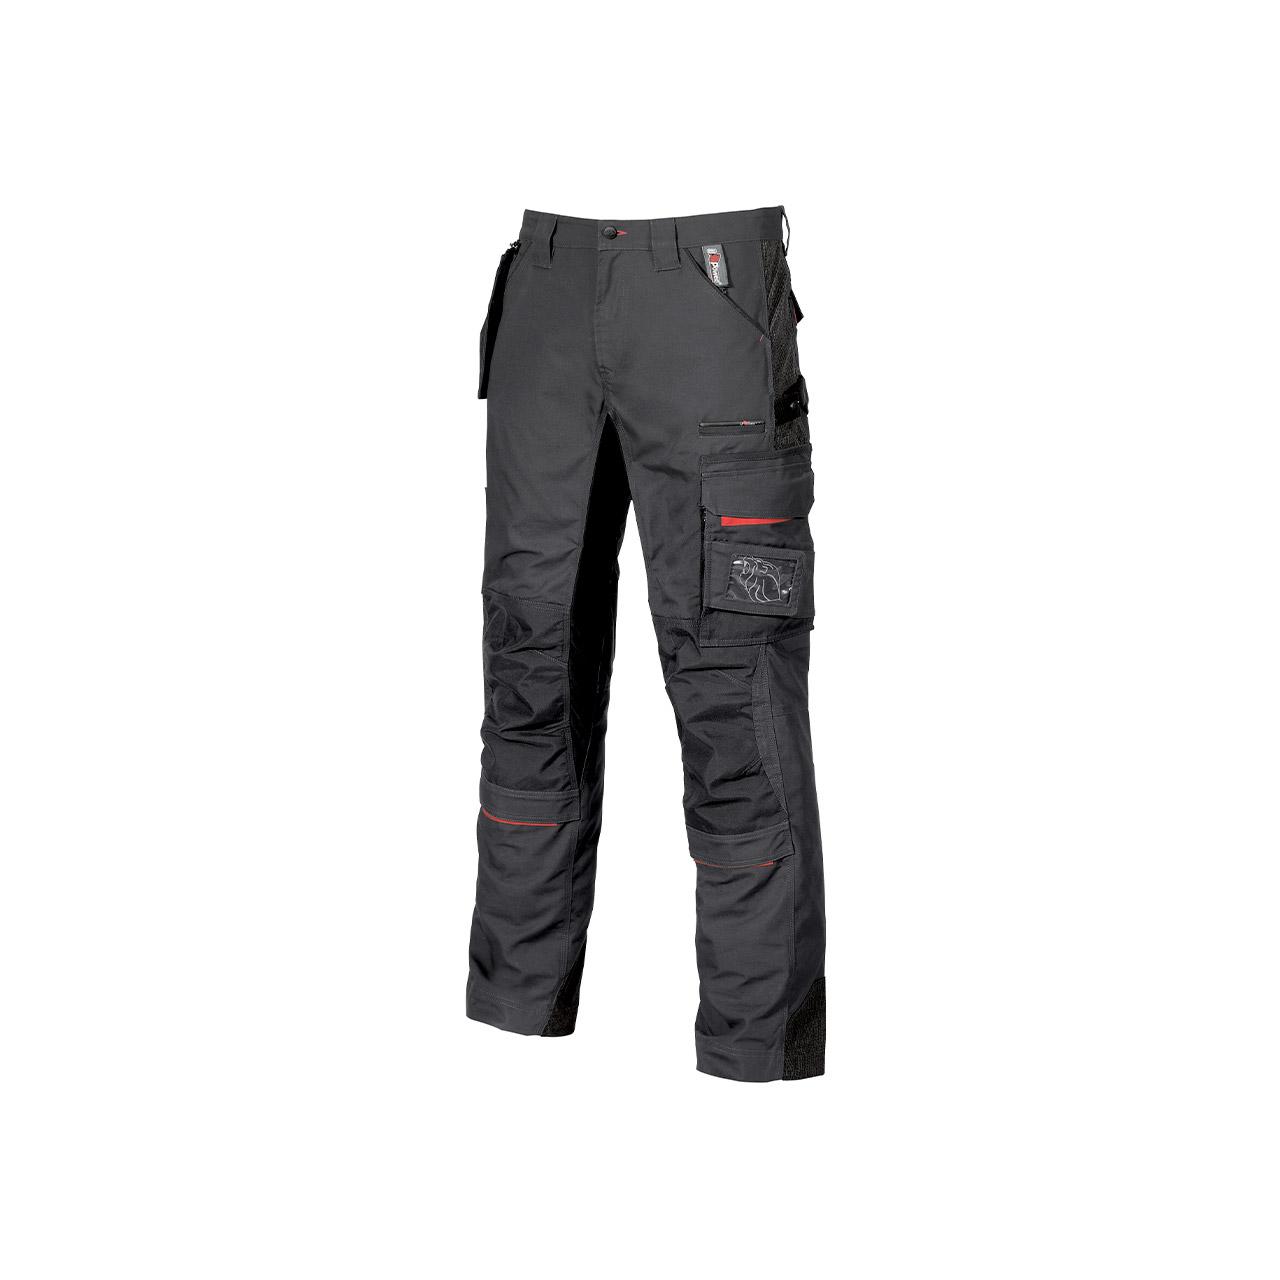 pantalone da lavoro upower modello race colore grey meteorite